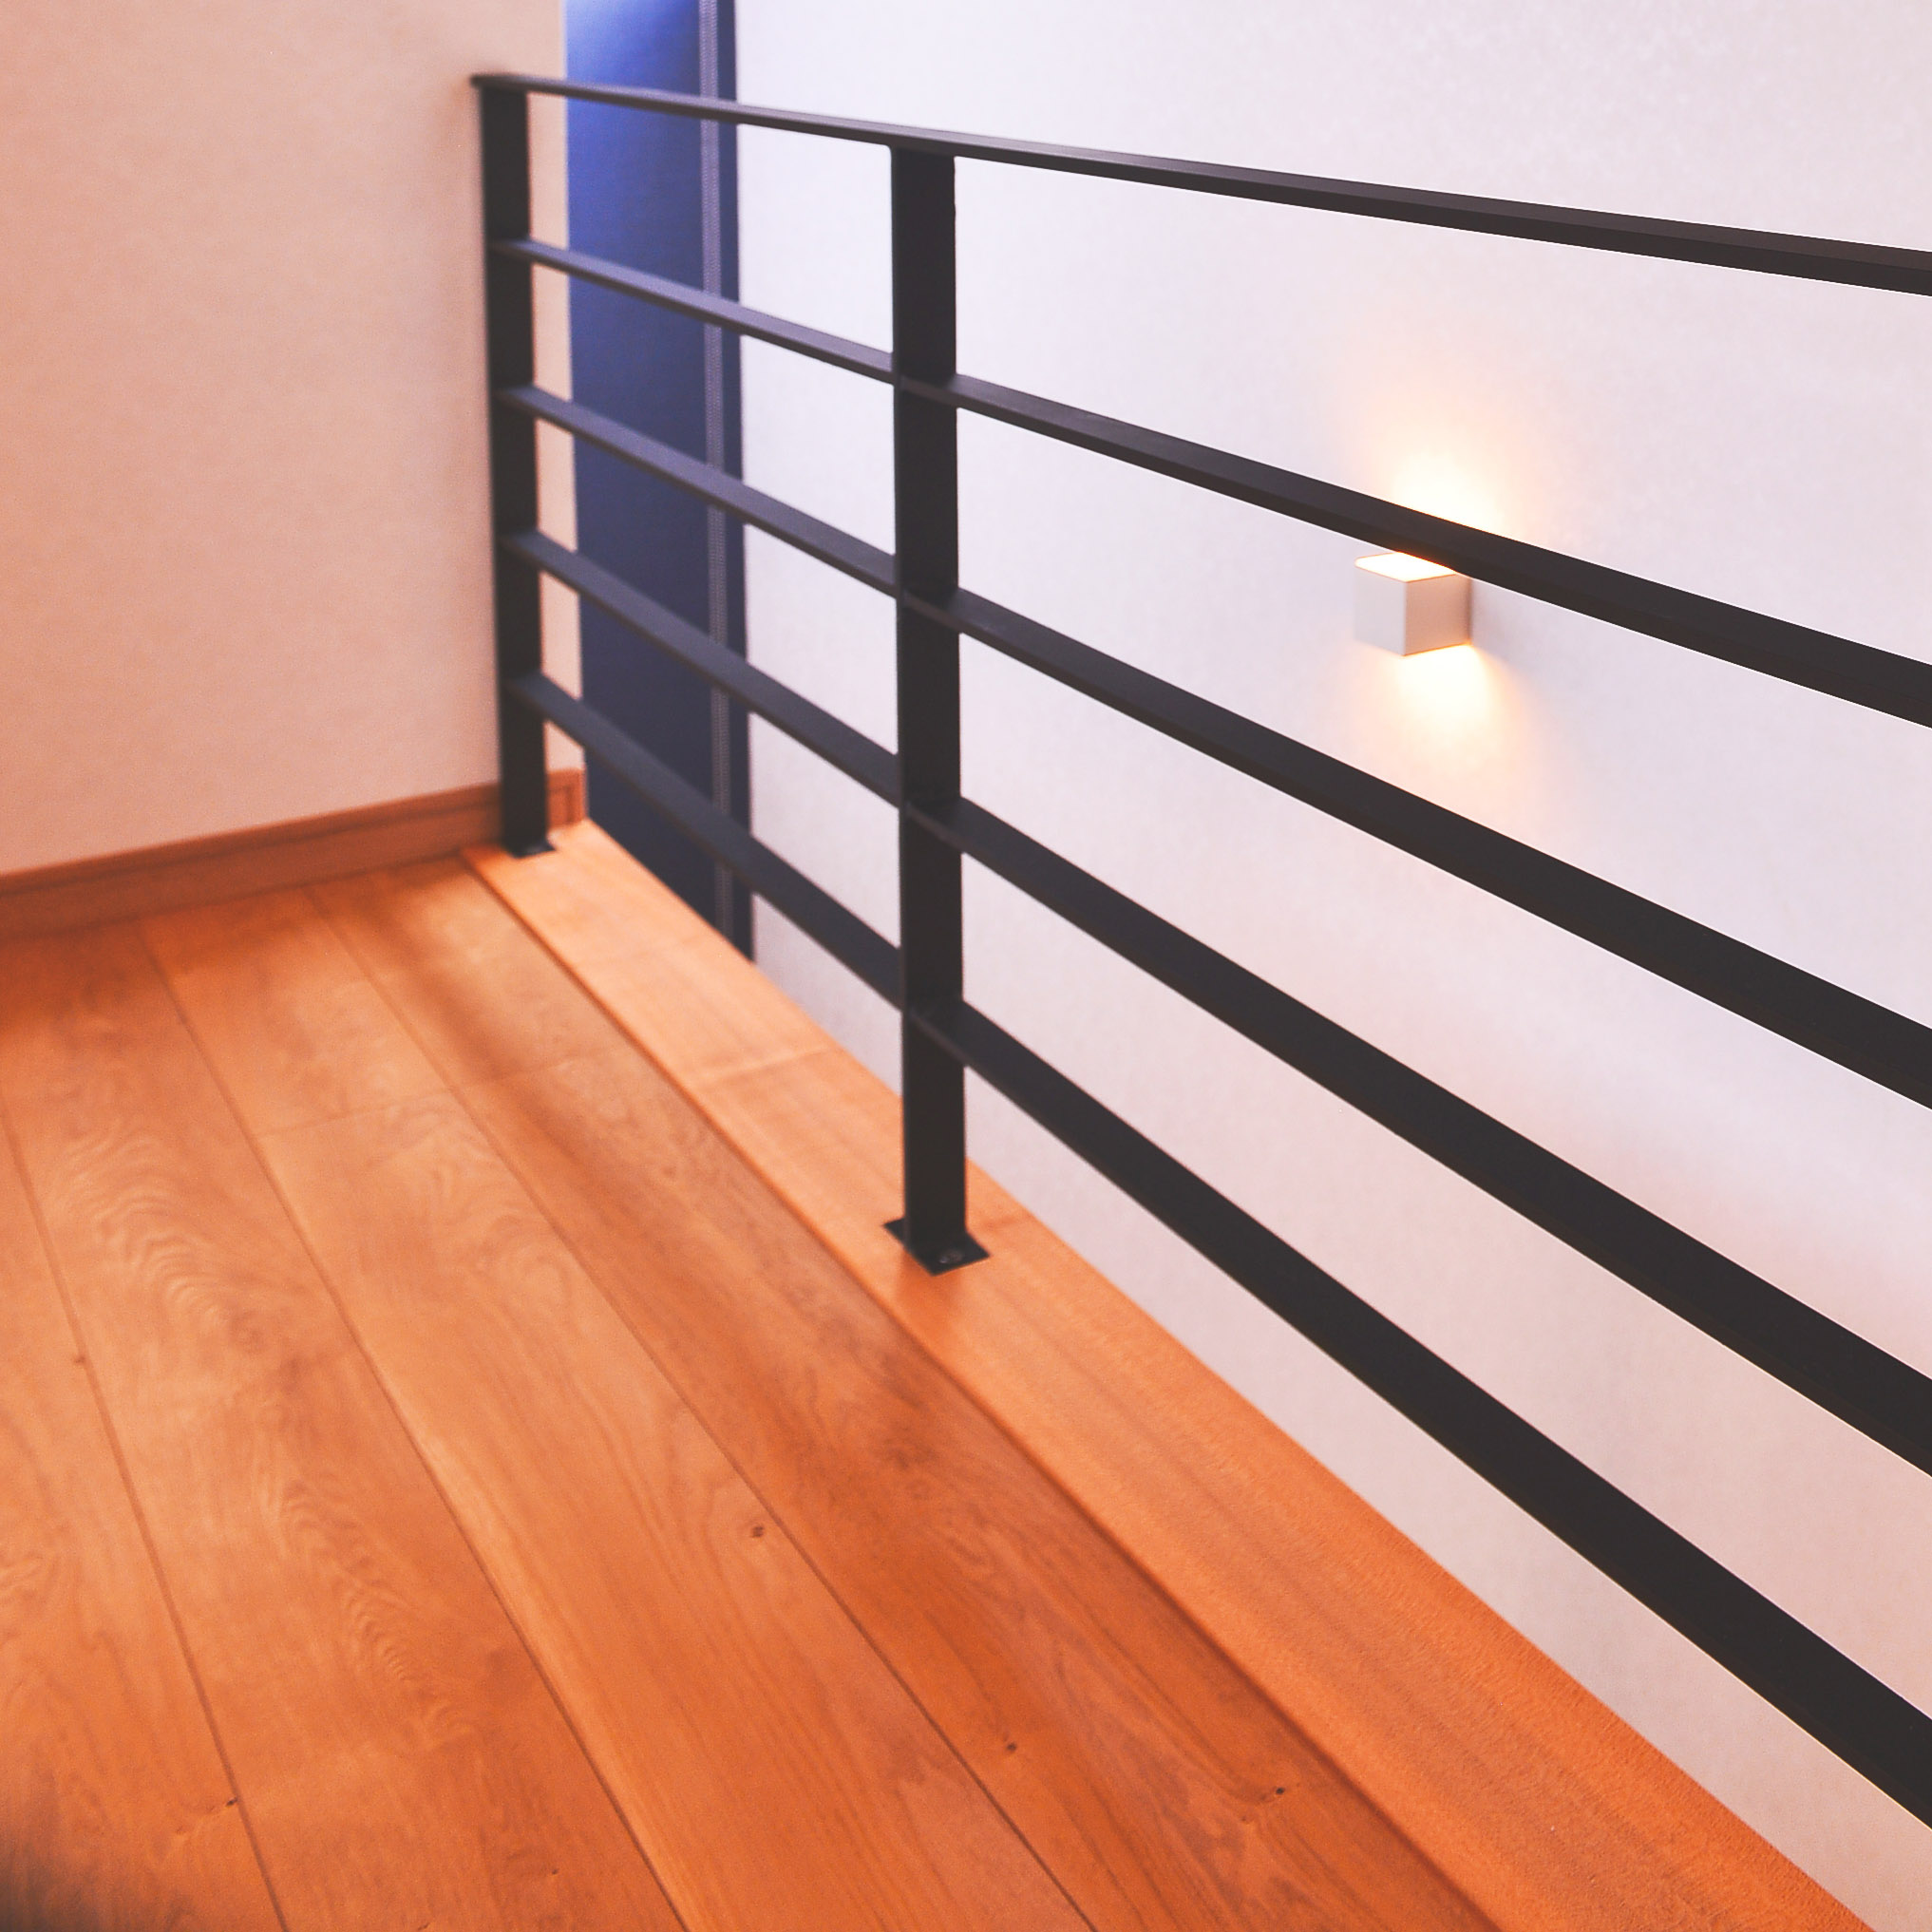 鳥取で建築写真や竣工写真の撮影をするならマジカルフォトワークを紹介する写真-鳥取建築写真-13